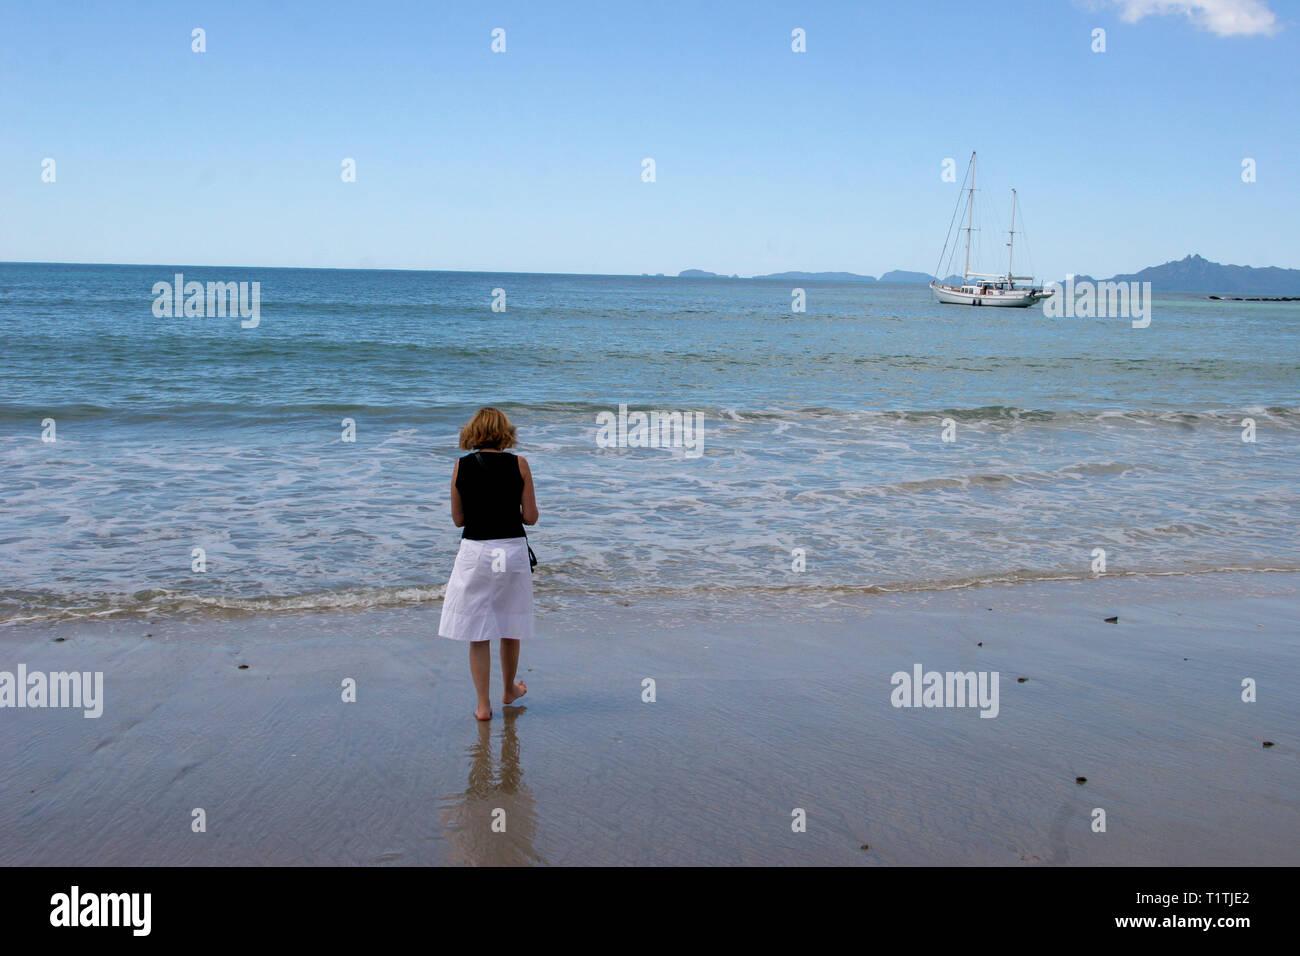 Neuseeland Frau am Strand am Horizont und Segelboot für Anker Stockbild